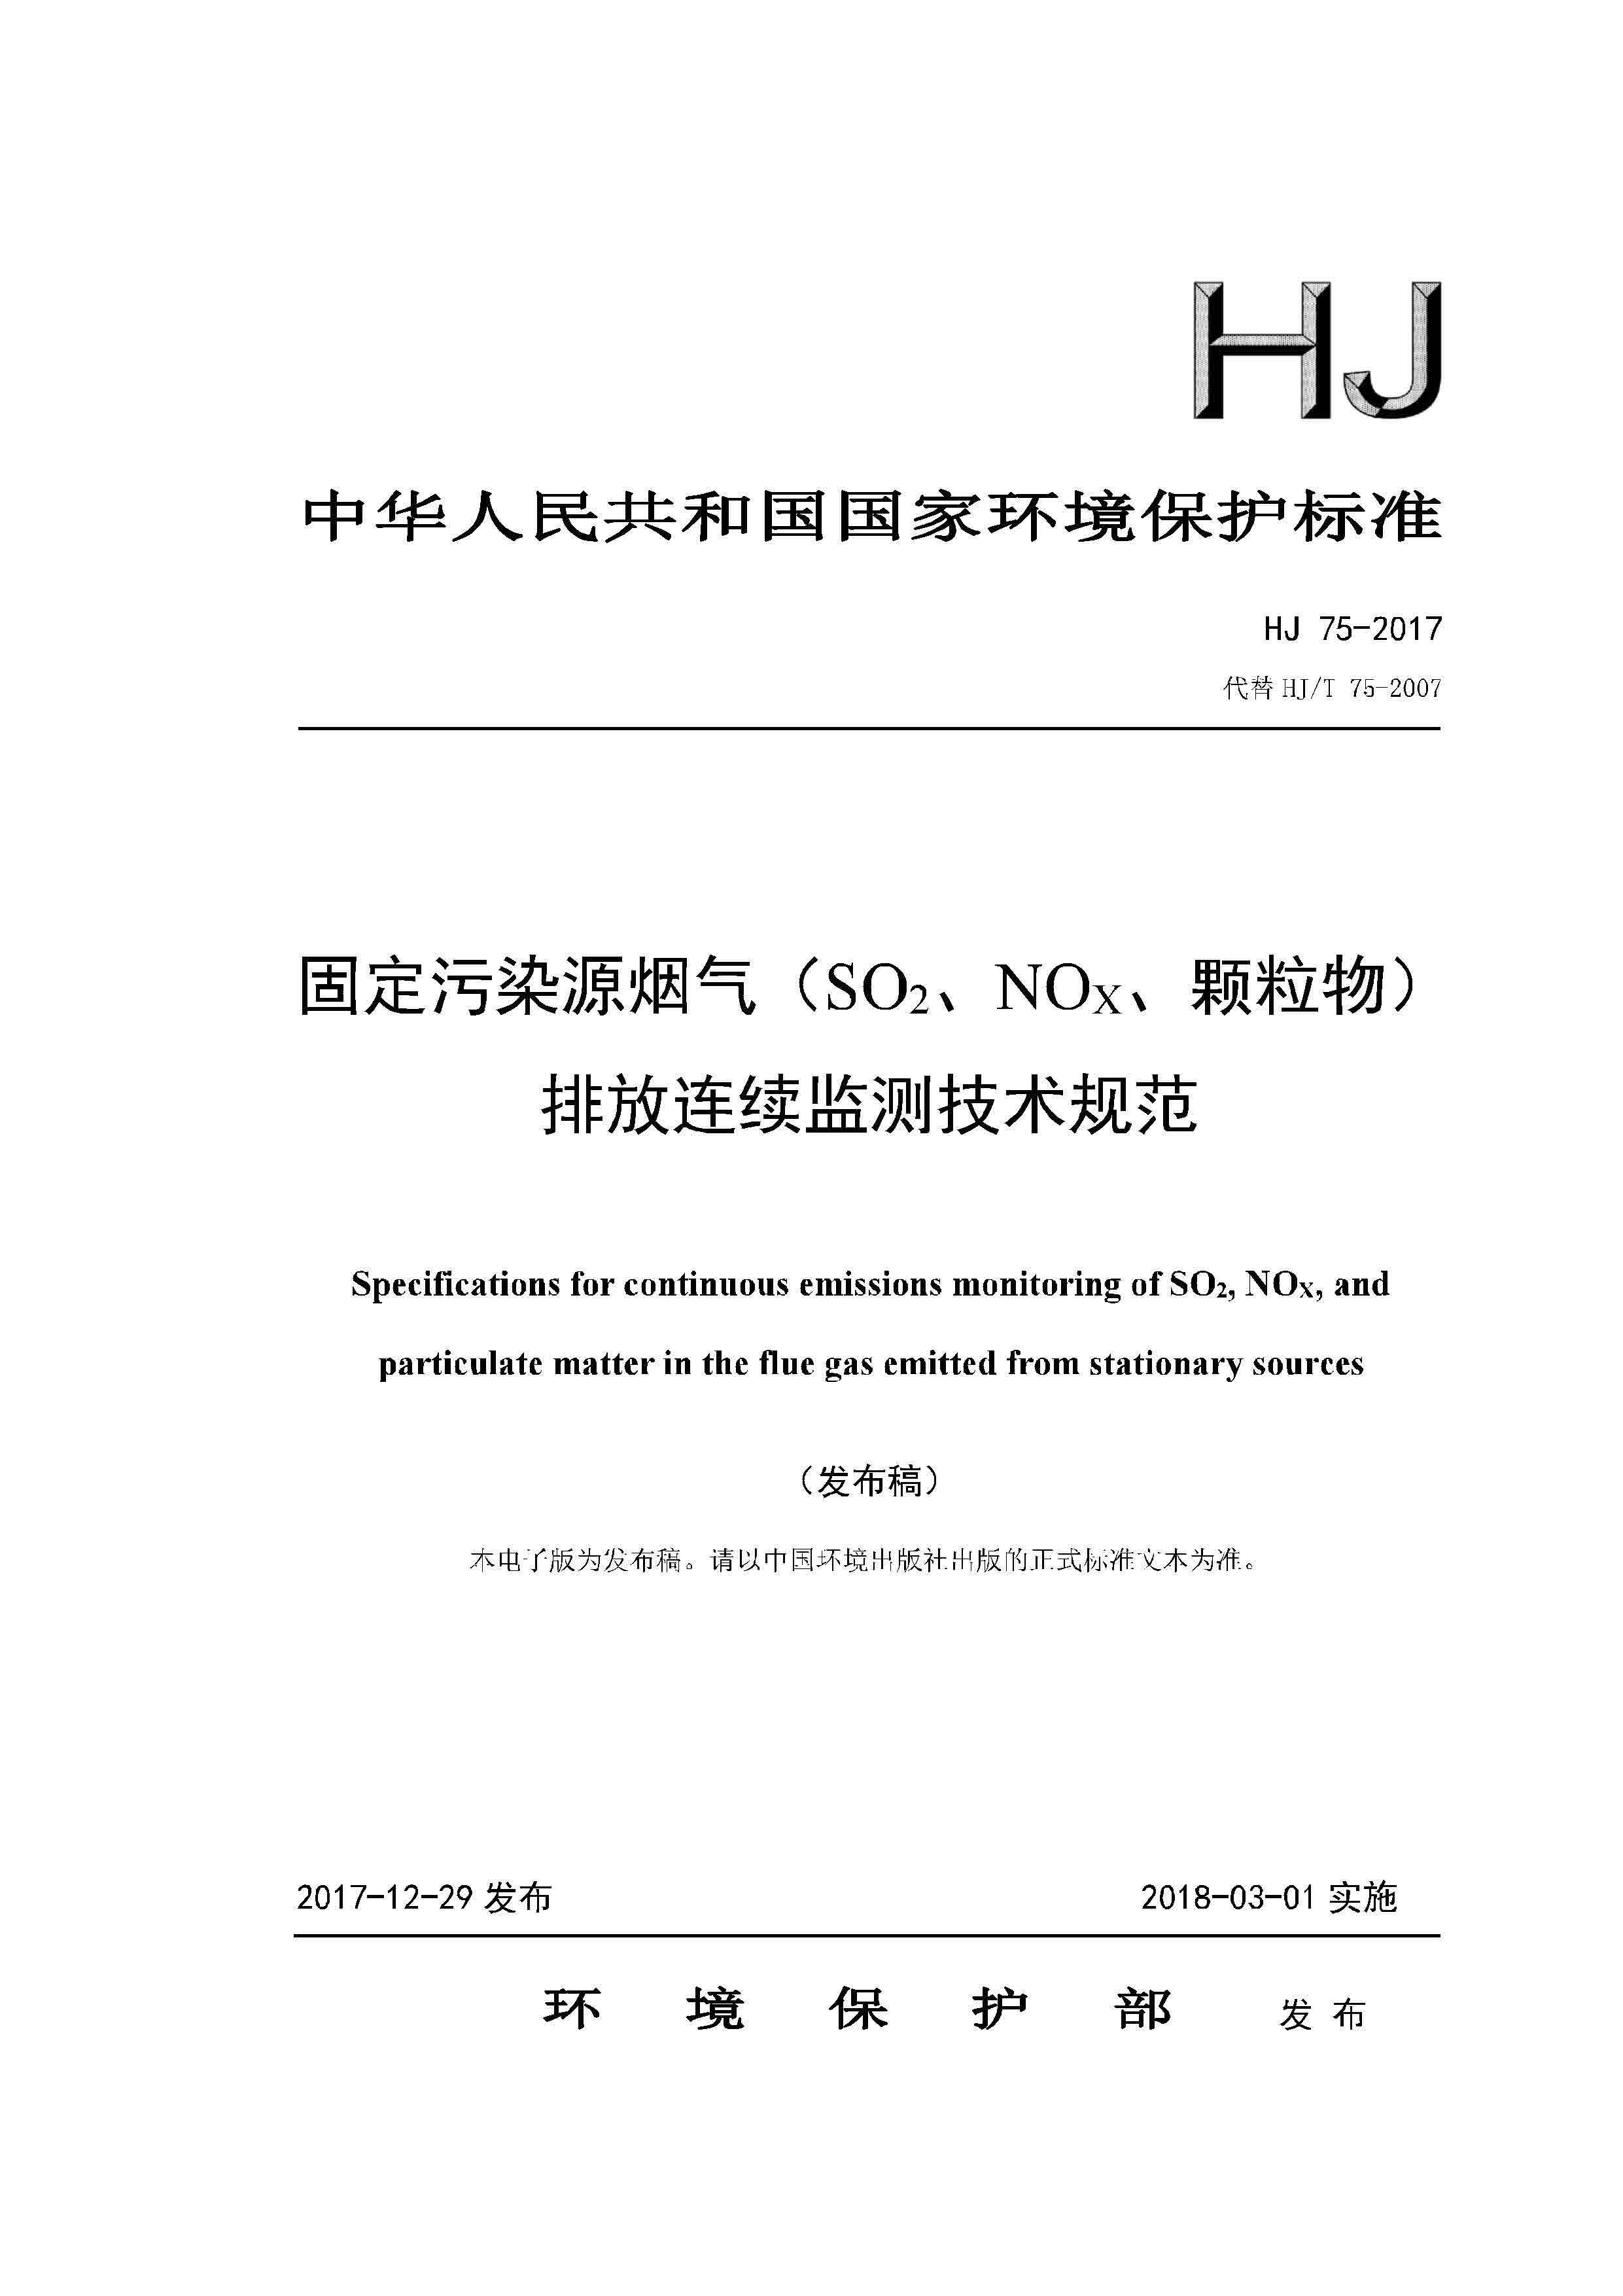 HJ 75-2017 固定污染源烟气(SO2、NOX、颗粒物)排放连续监测技术规范